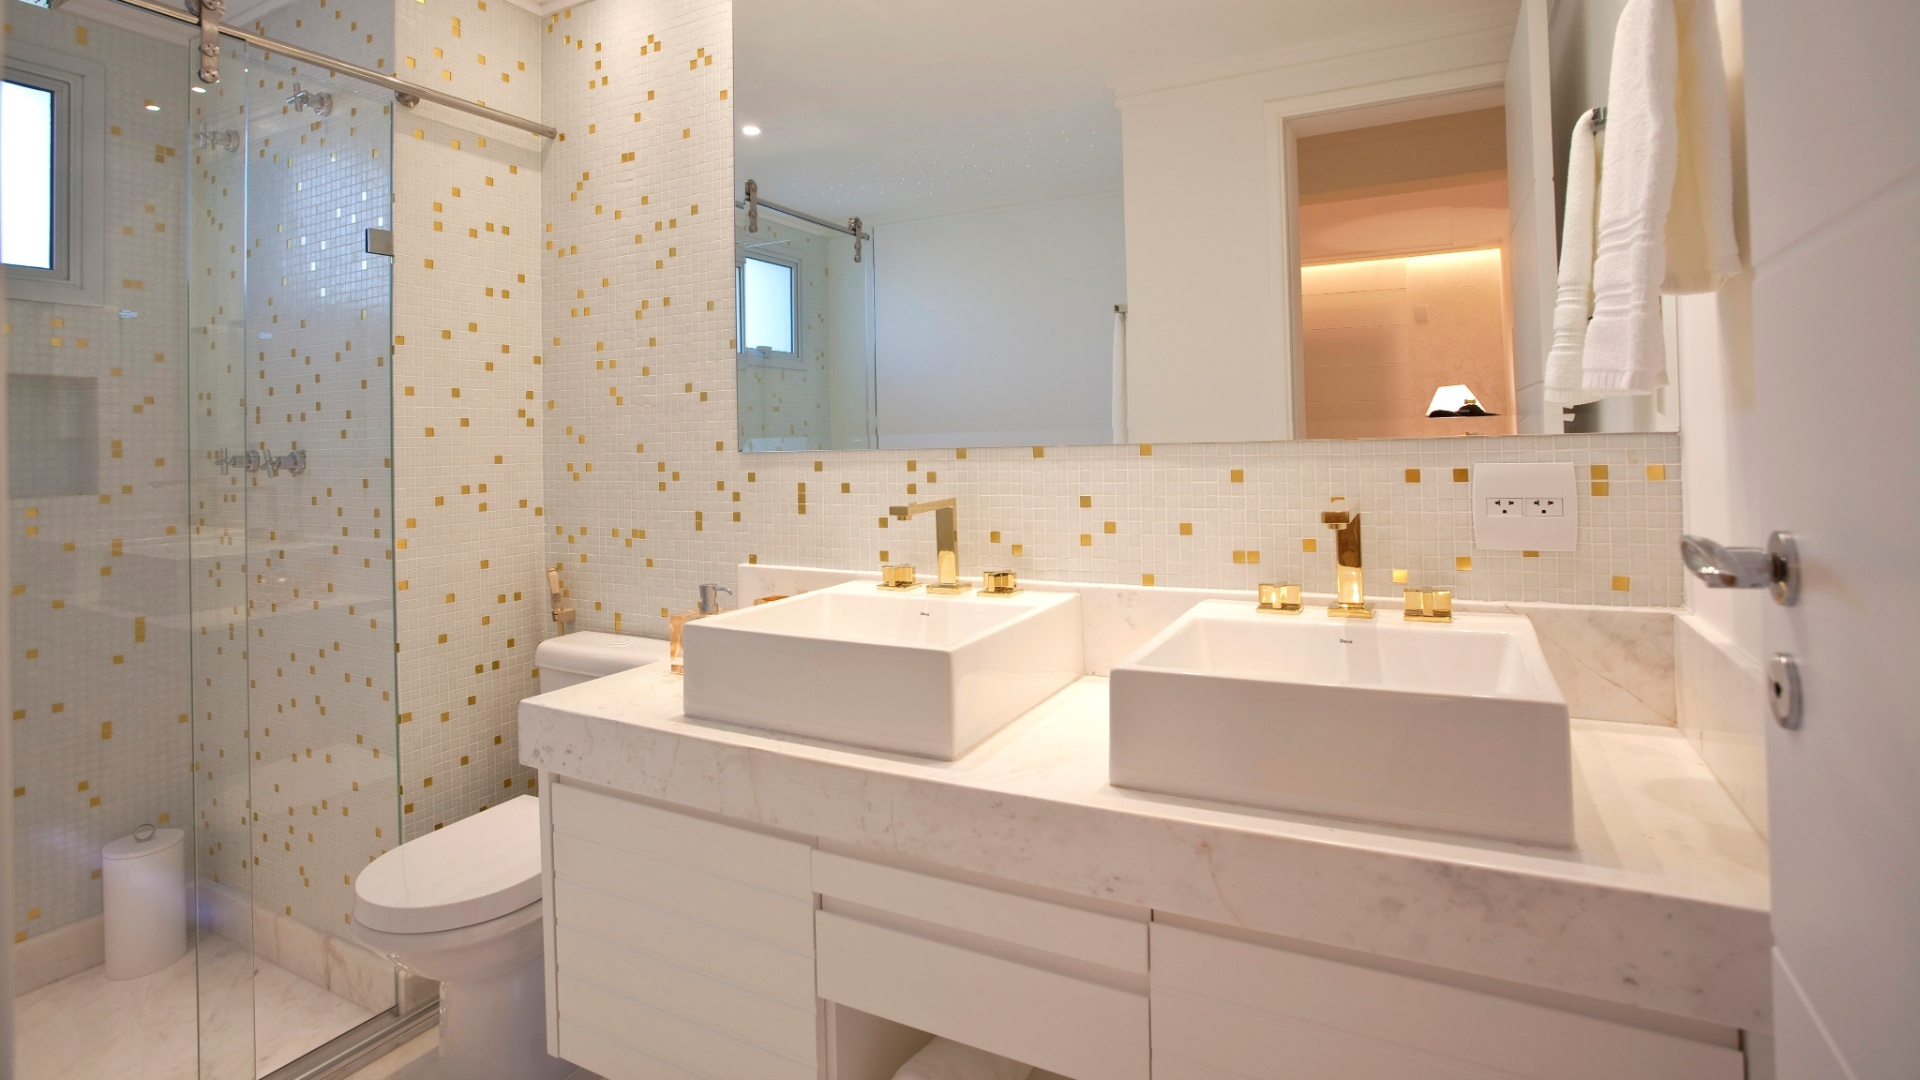 Nogueira. A confortável bancada de mármore piguês apoia duas cubas  #91683A 1920x1080 Bancada Banheiro Duas Cubas